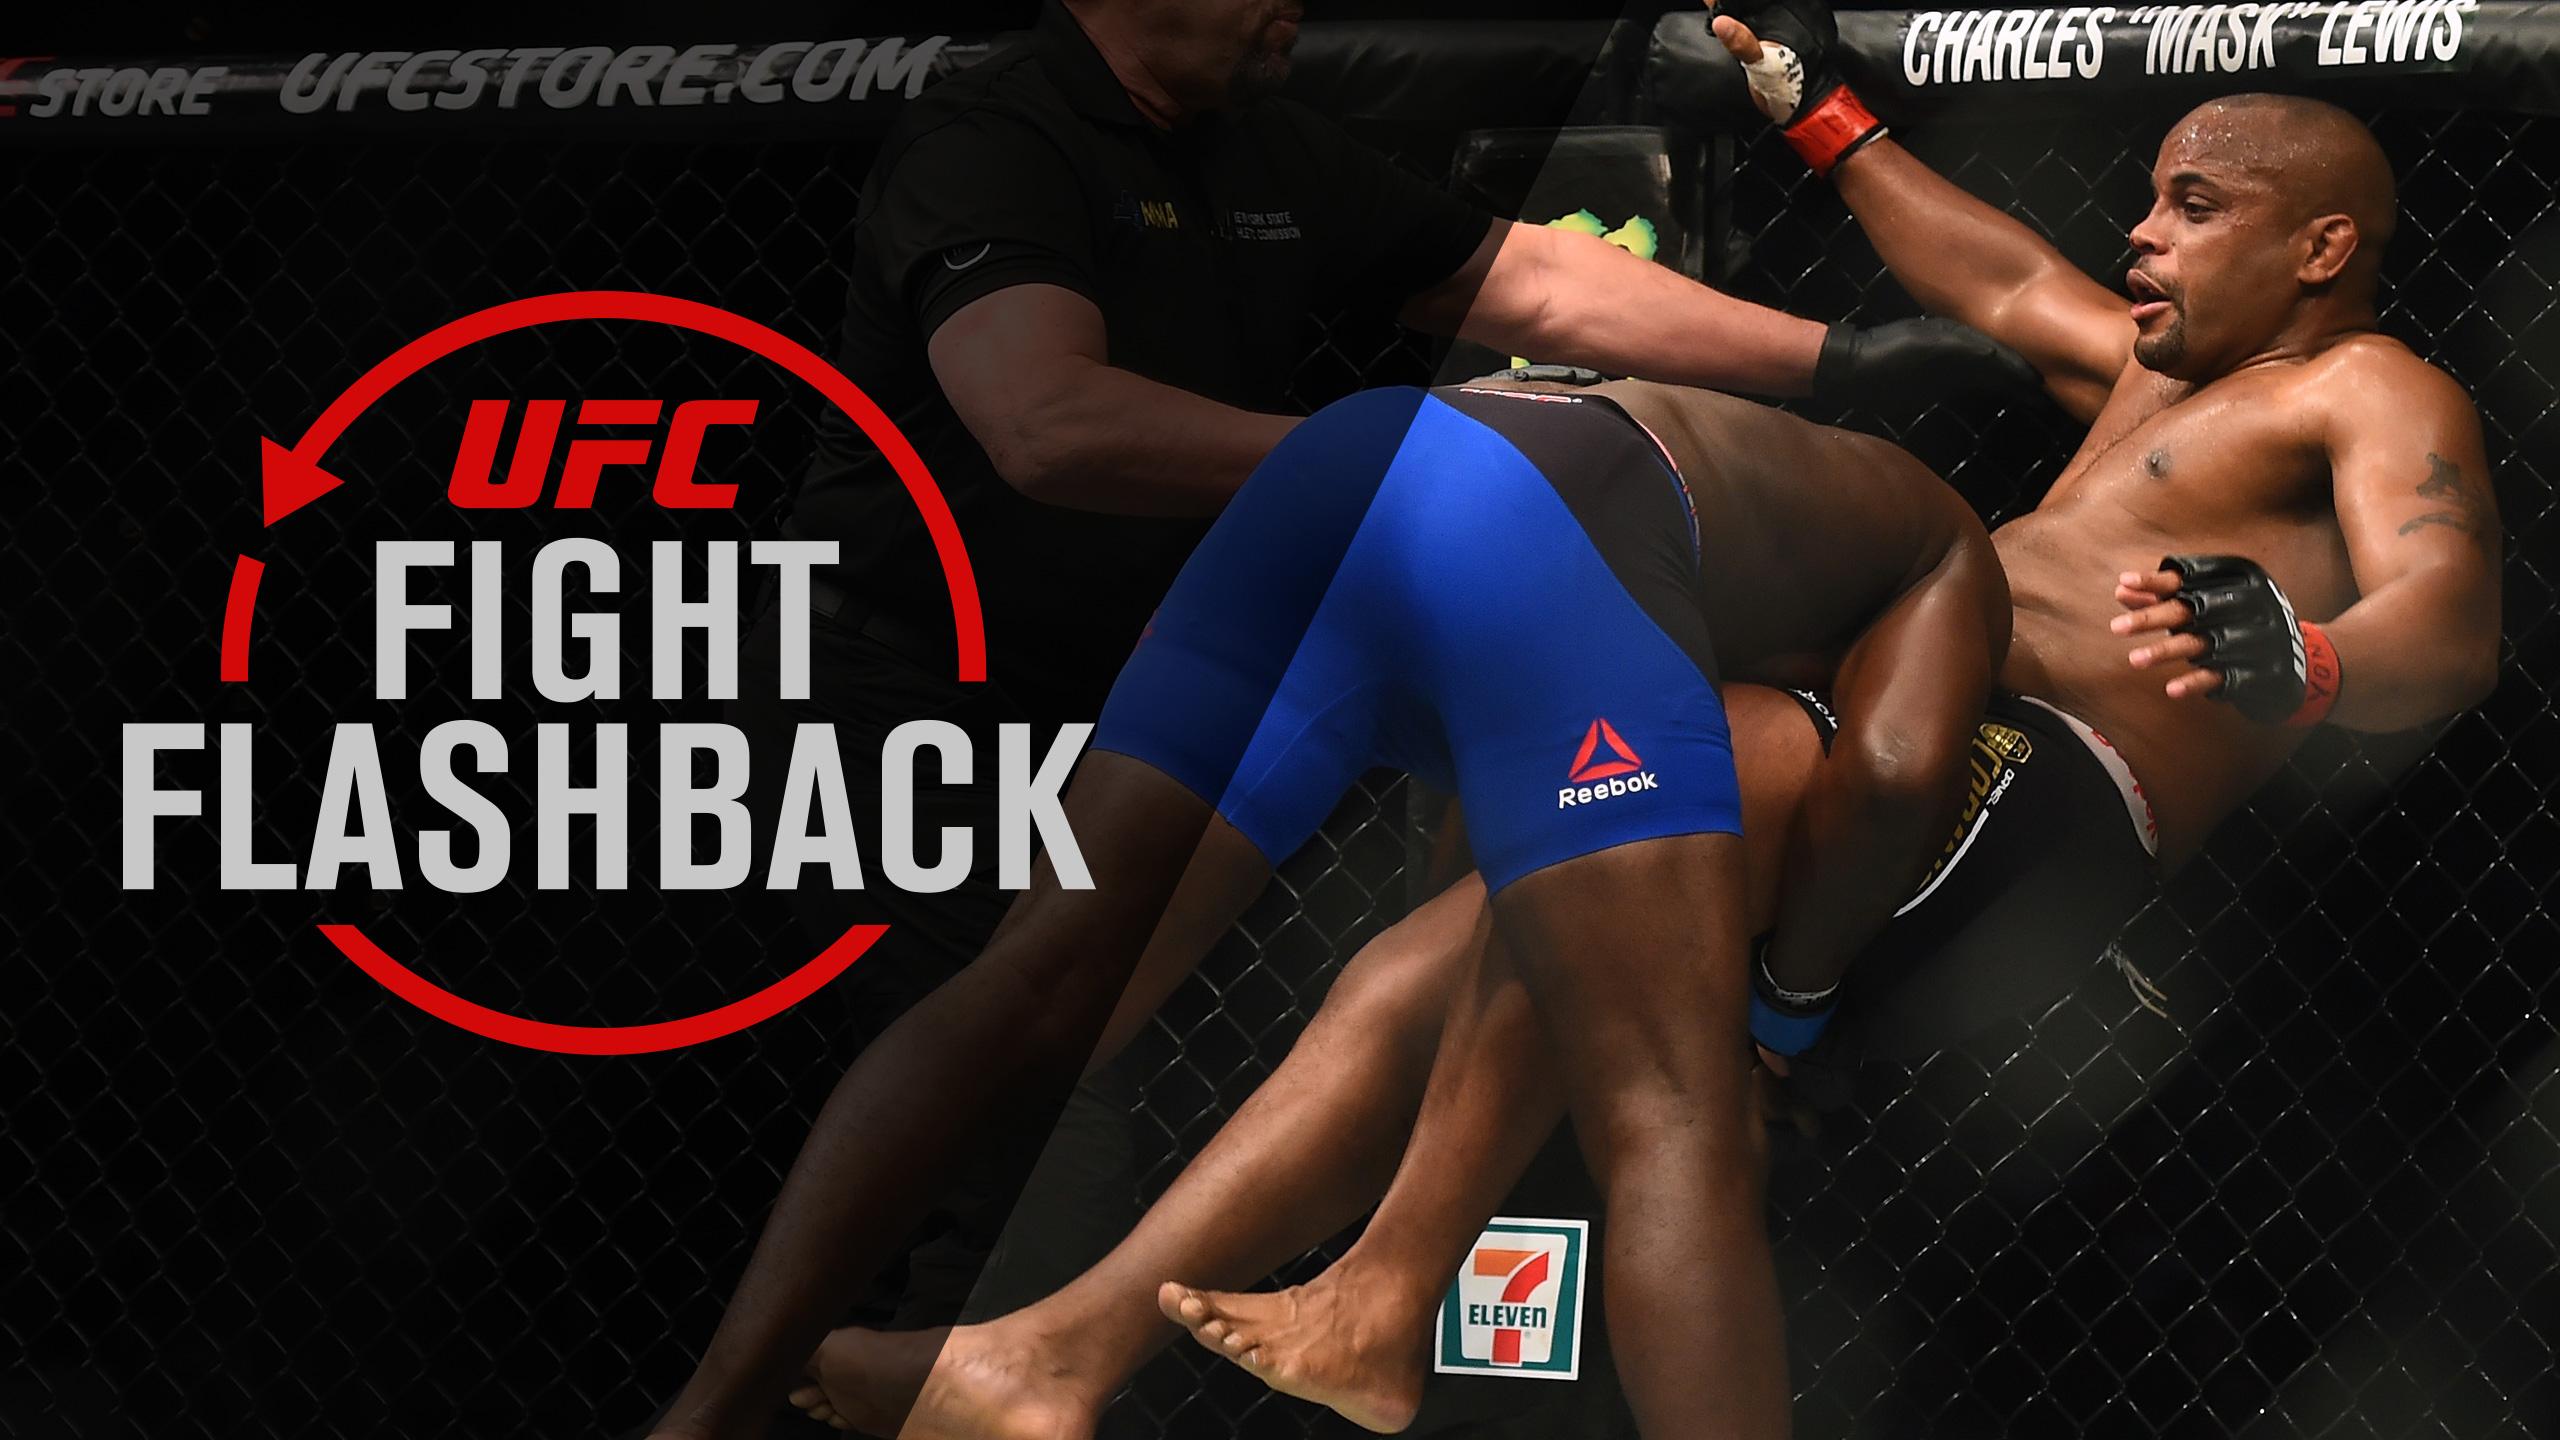 UFC Fight Flashback: Cormier vs. A. Johnson 1